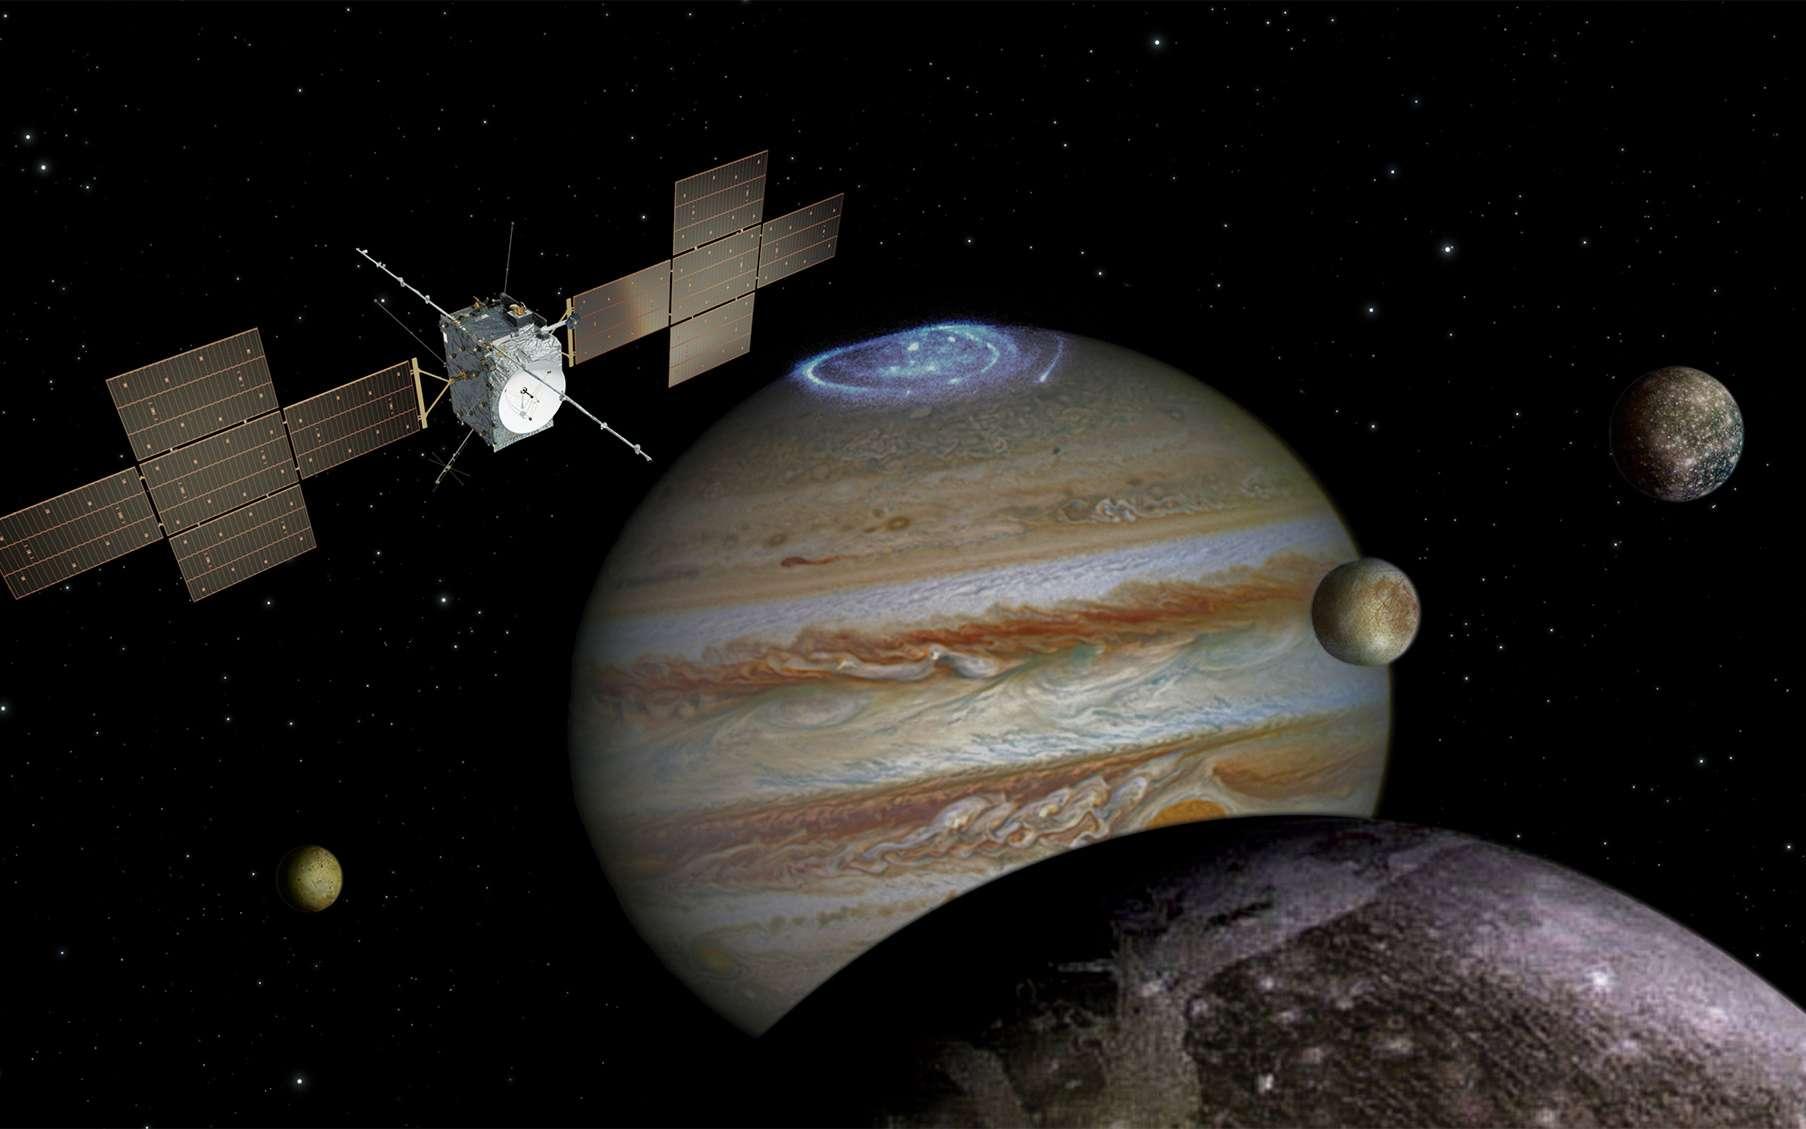 Après la formidable aventure des sondes Voyager, l'exceptionnelle mission de Galileo et en attendant Juno, Juice sera la quatrième sonde à s'intéresser à Jupiter et certains de ses satellites. © ESA, AOES